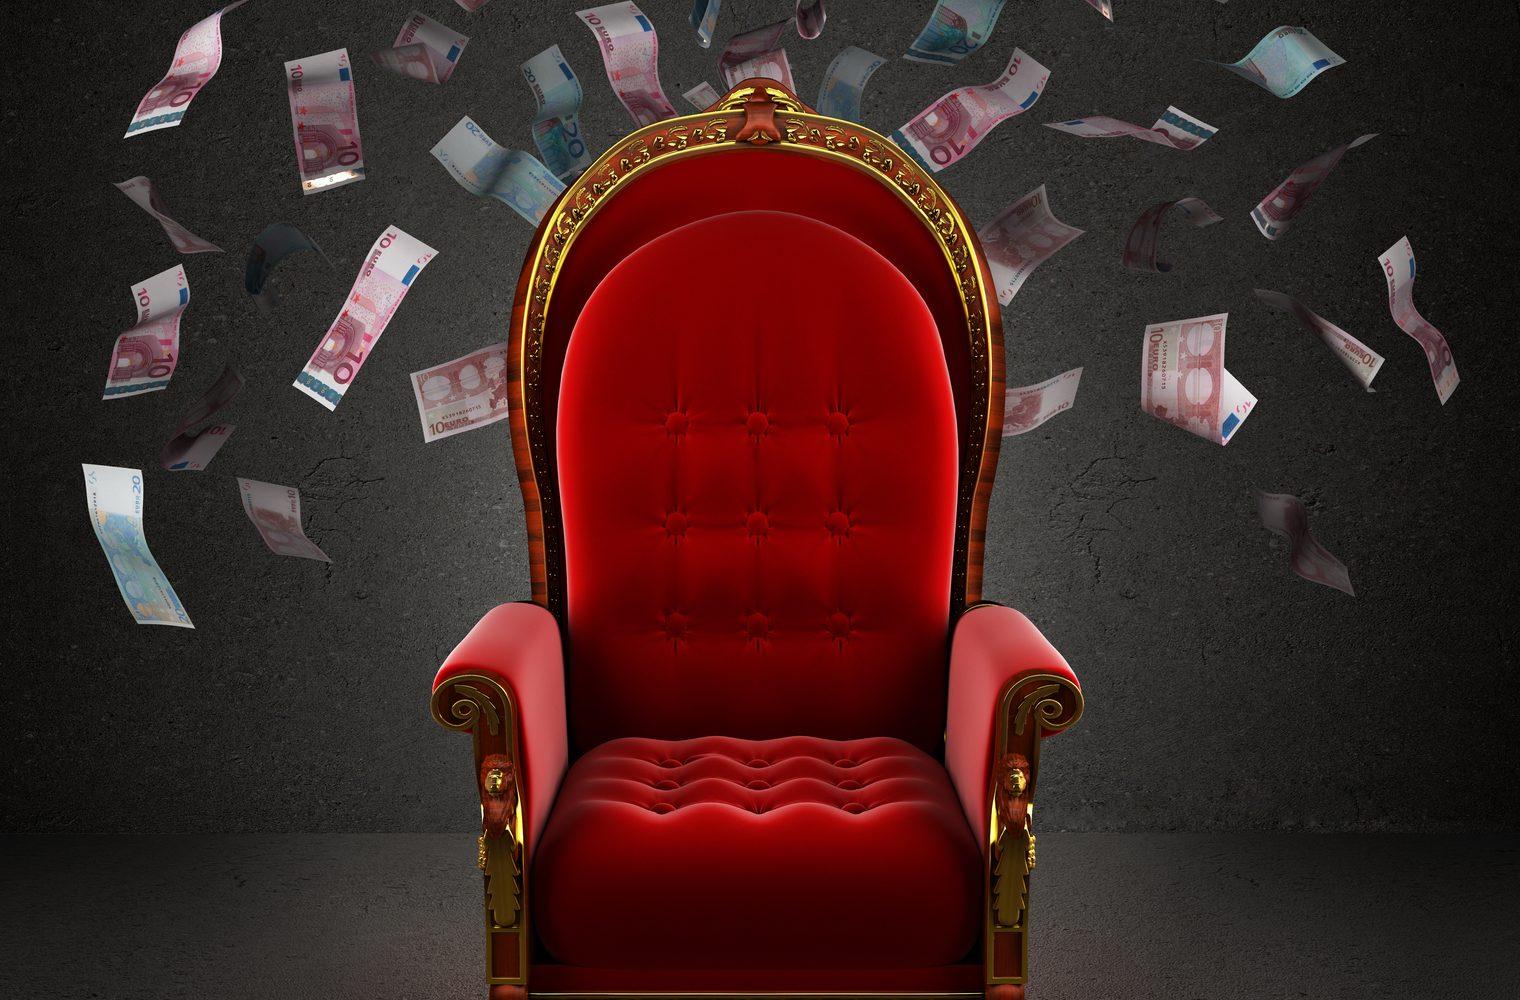 Crypto seculariza la riqueza devolviendo el poder al pueblo